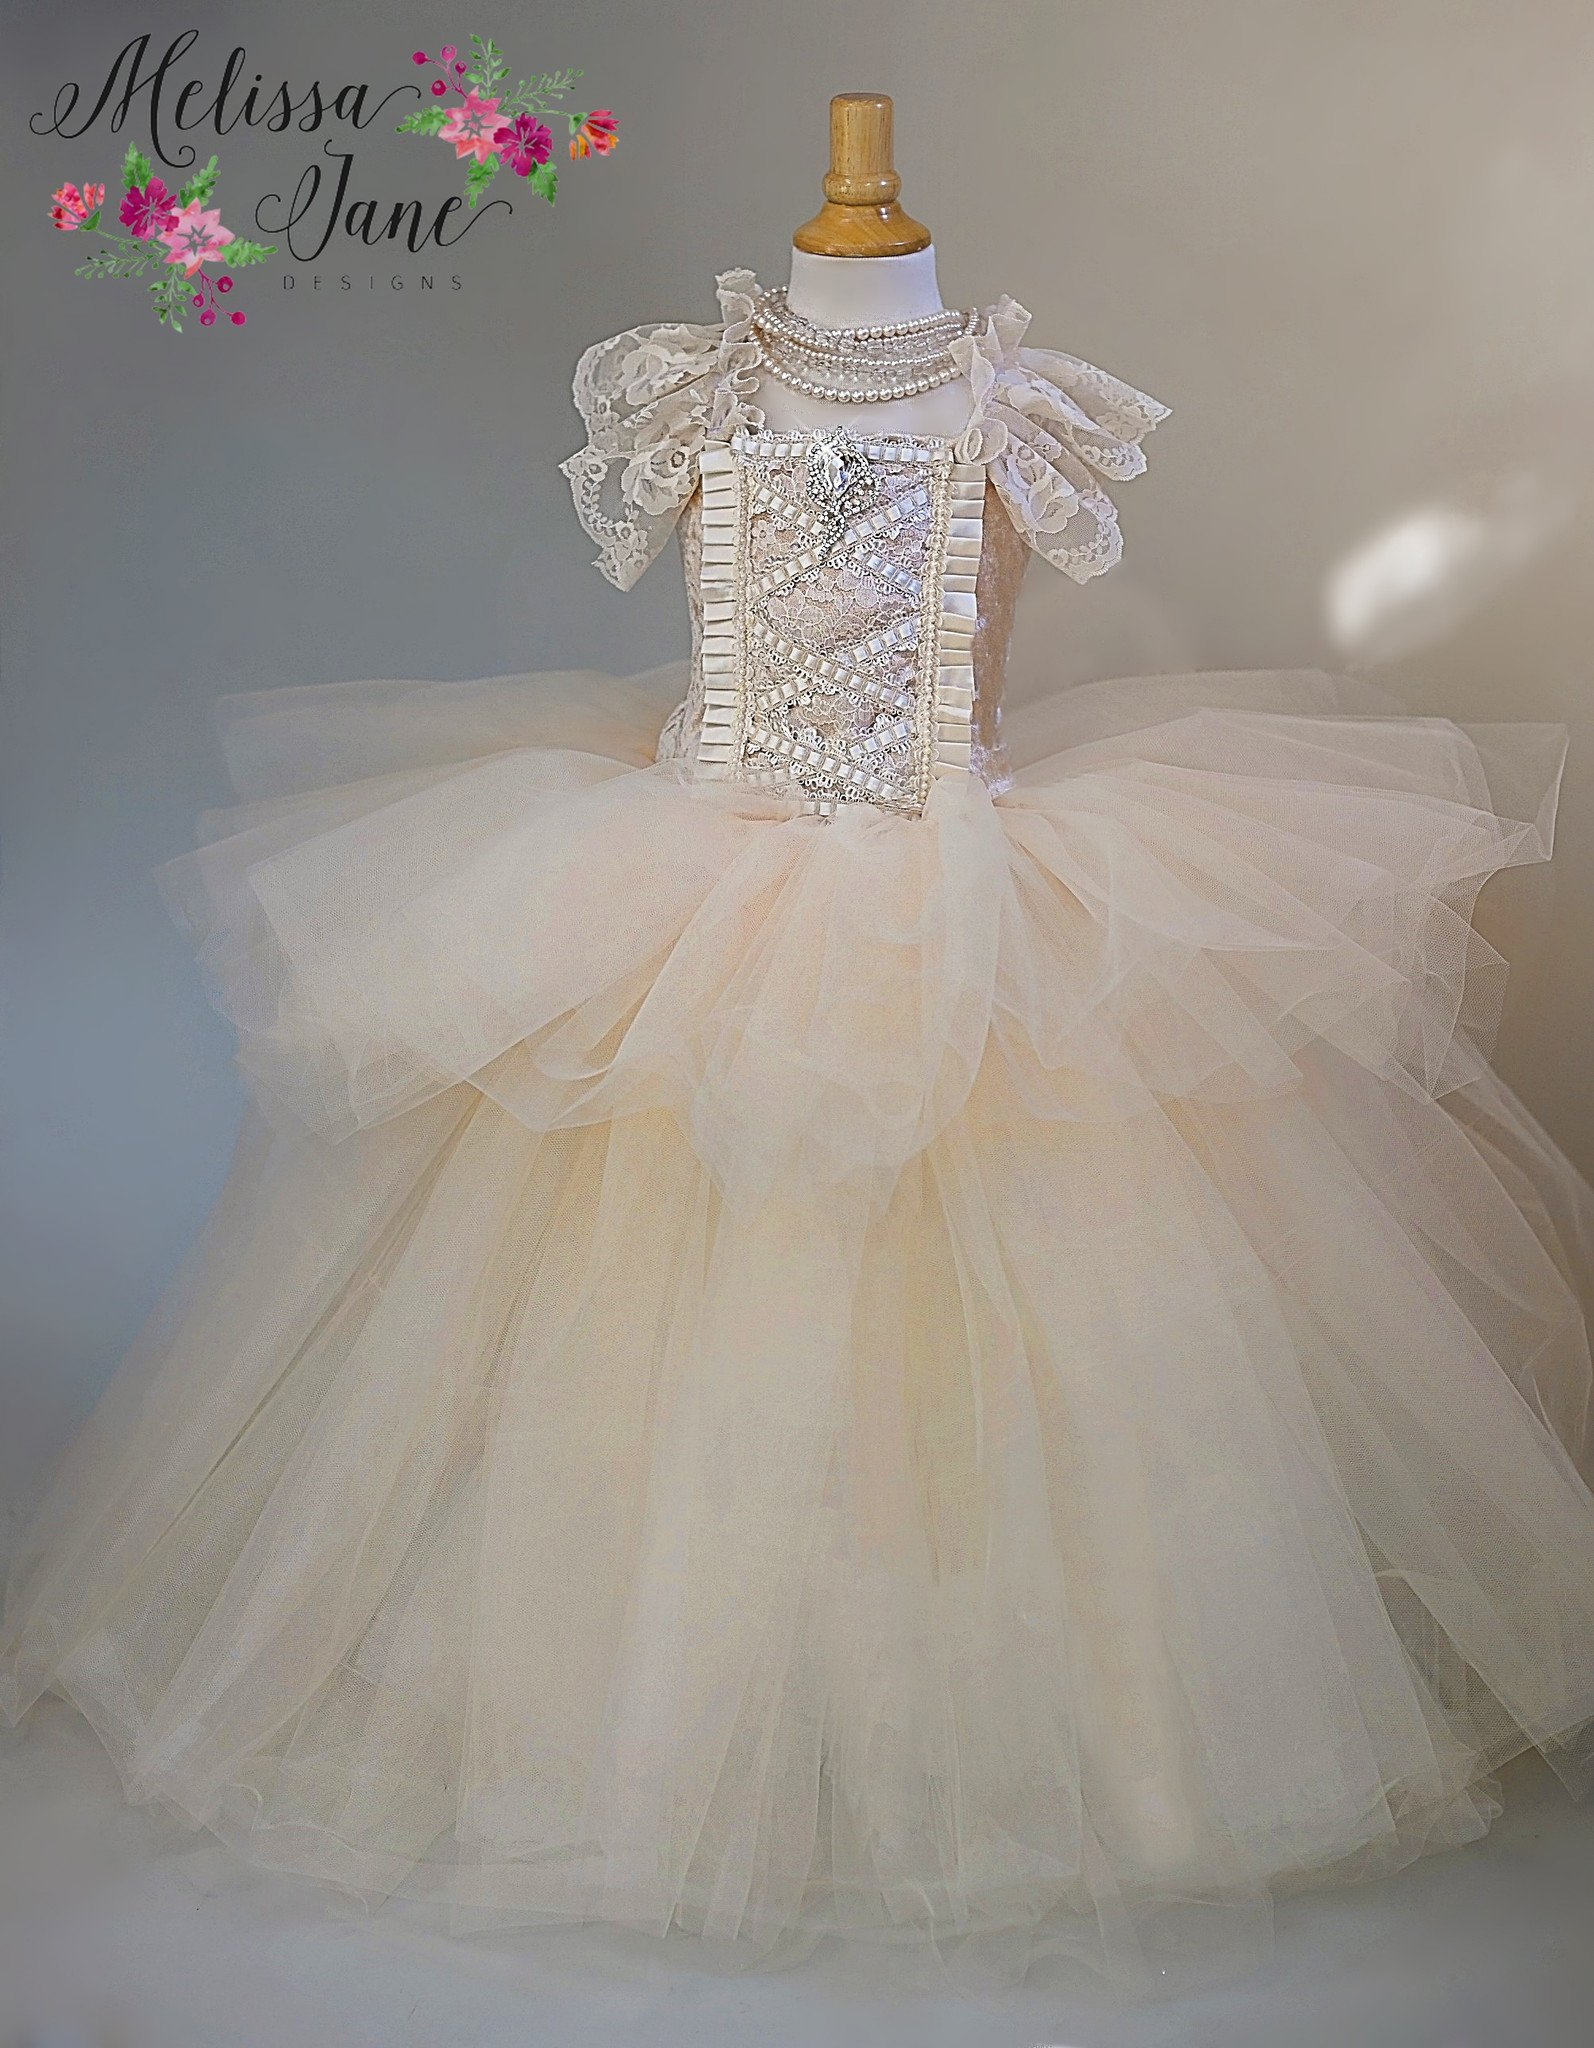 眠れる森の美女~美しいチュールドレス「Sleeping Beauty - Girls Tulle Exquisite Dress」2歳から12歳